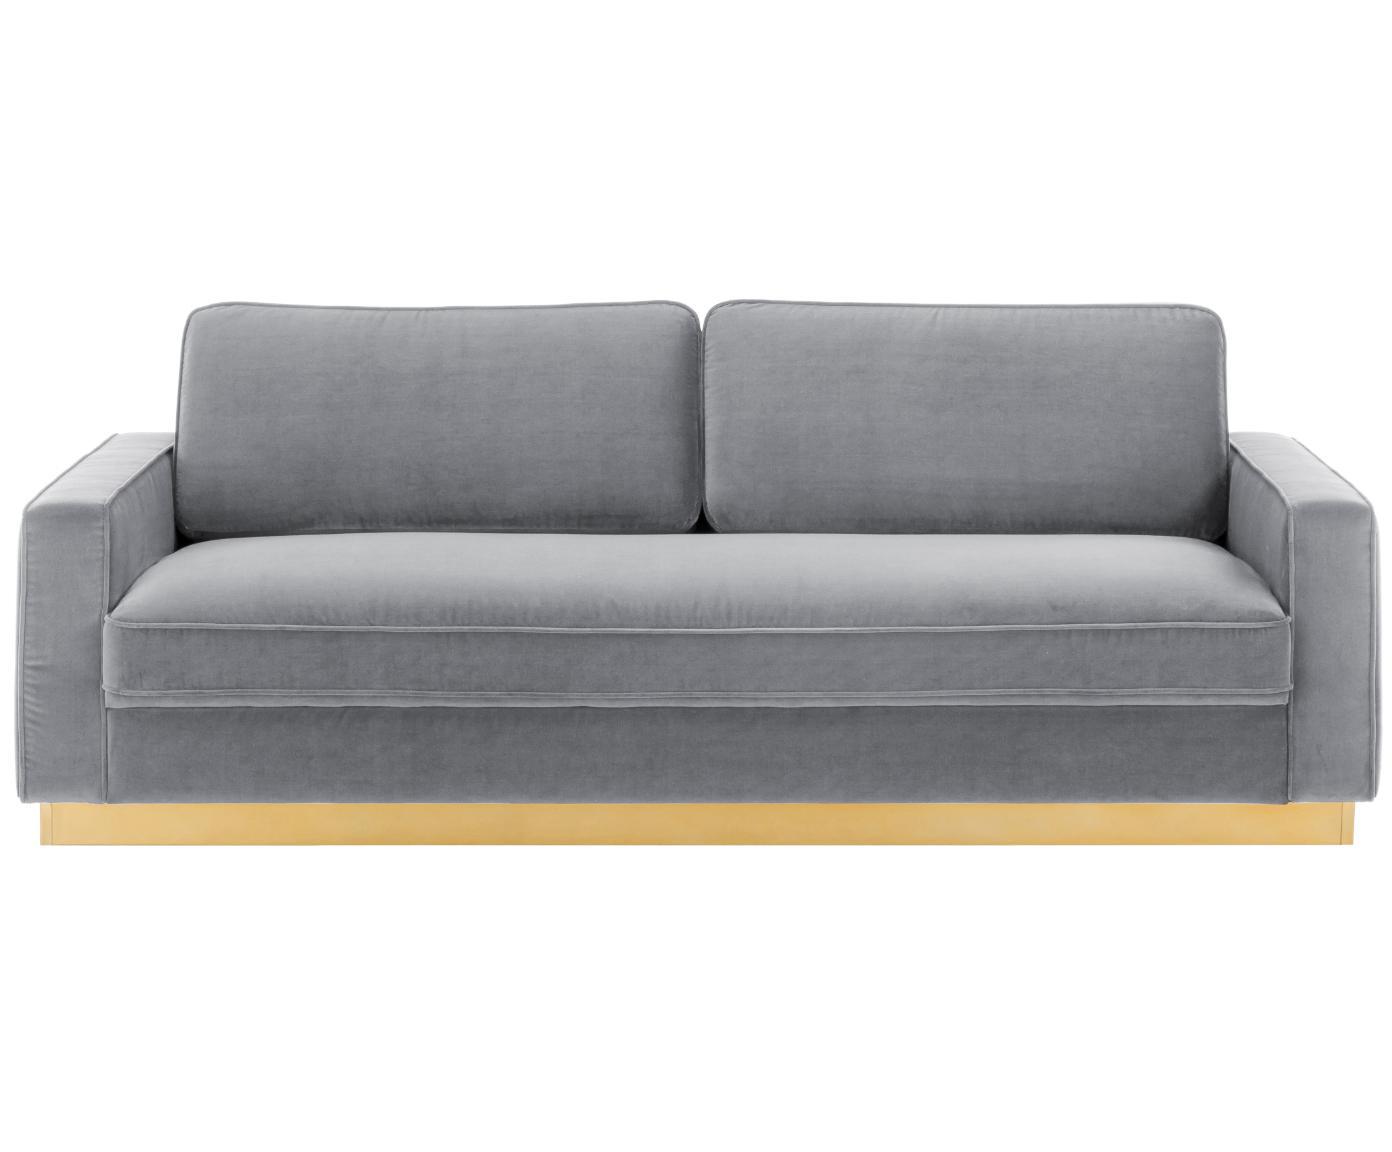 Sofa z aksamitu Chelsea (3-osobowa), Tapicerka: aksamit (wysokiej jakości, Stelaż: masywne drewno świerkowe, Stelaż: metal powlekany, Aksamitny szary, S 228 x G 100 cm